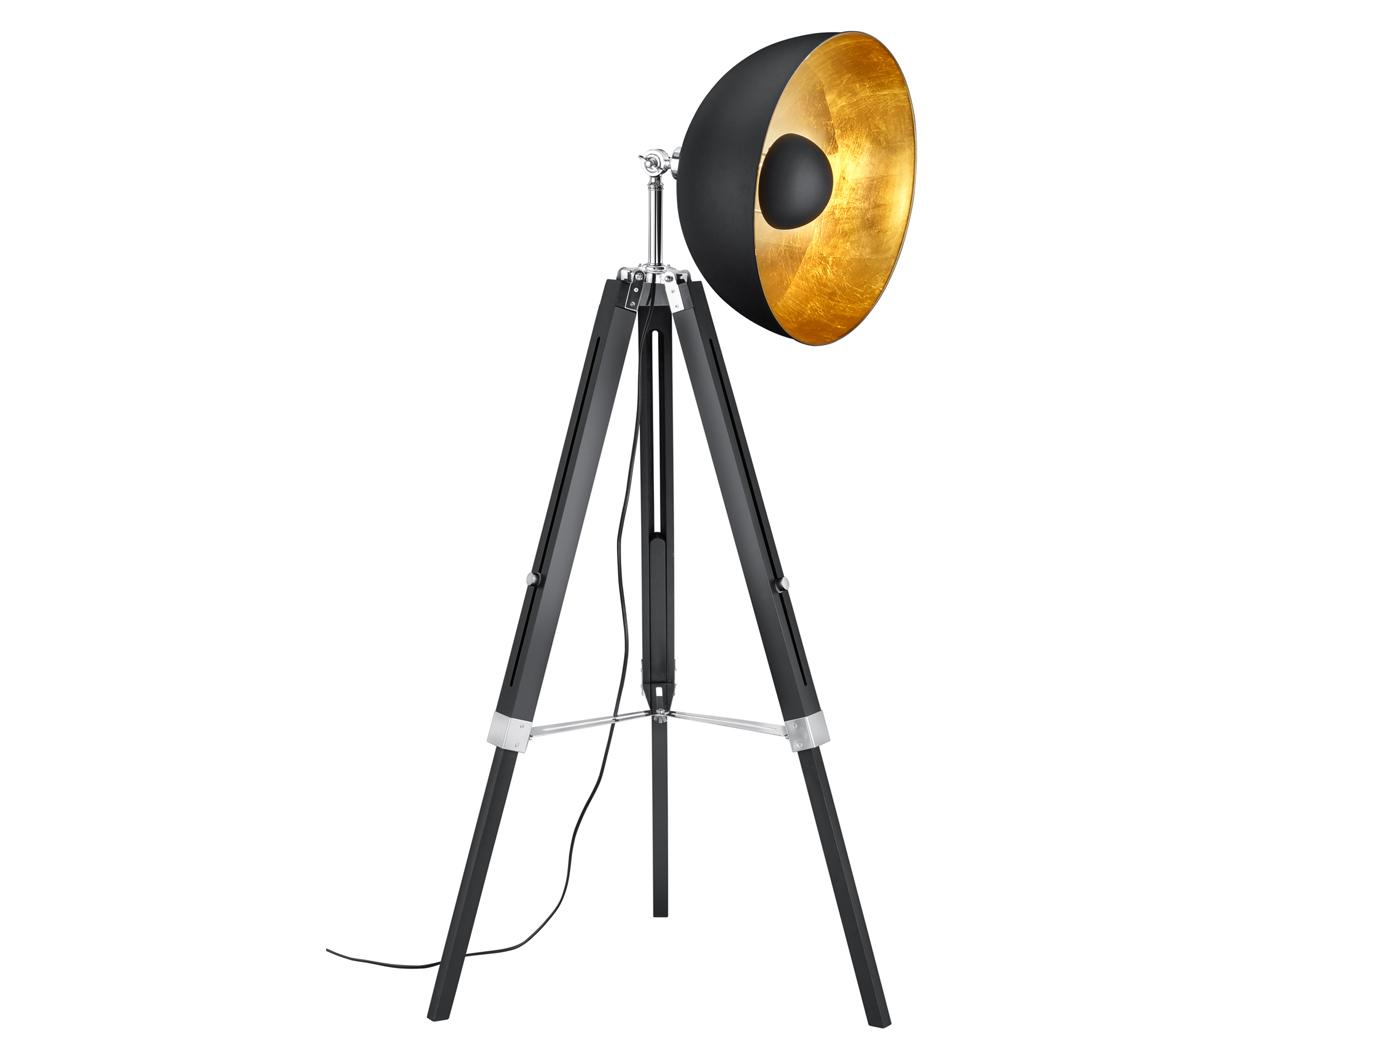 Retro Scheinwerfer Stehlampe Schwarz Gold Mit Led Dreibein Stehleuchte Tripod Kaufen Bei Setpoint Deutschland Gmbh